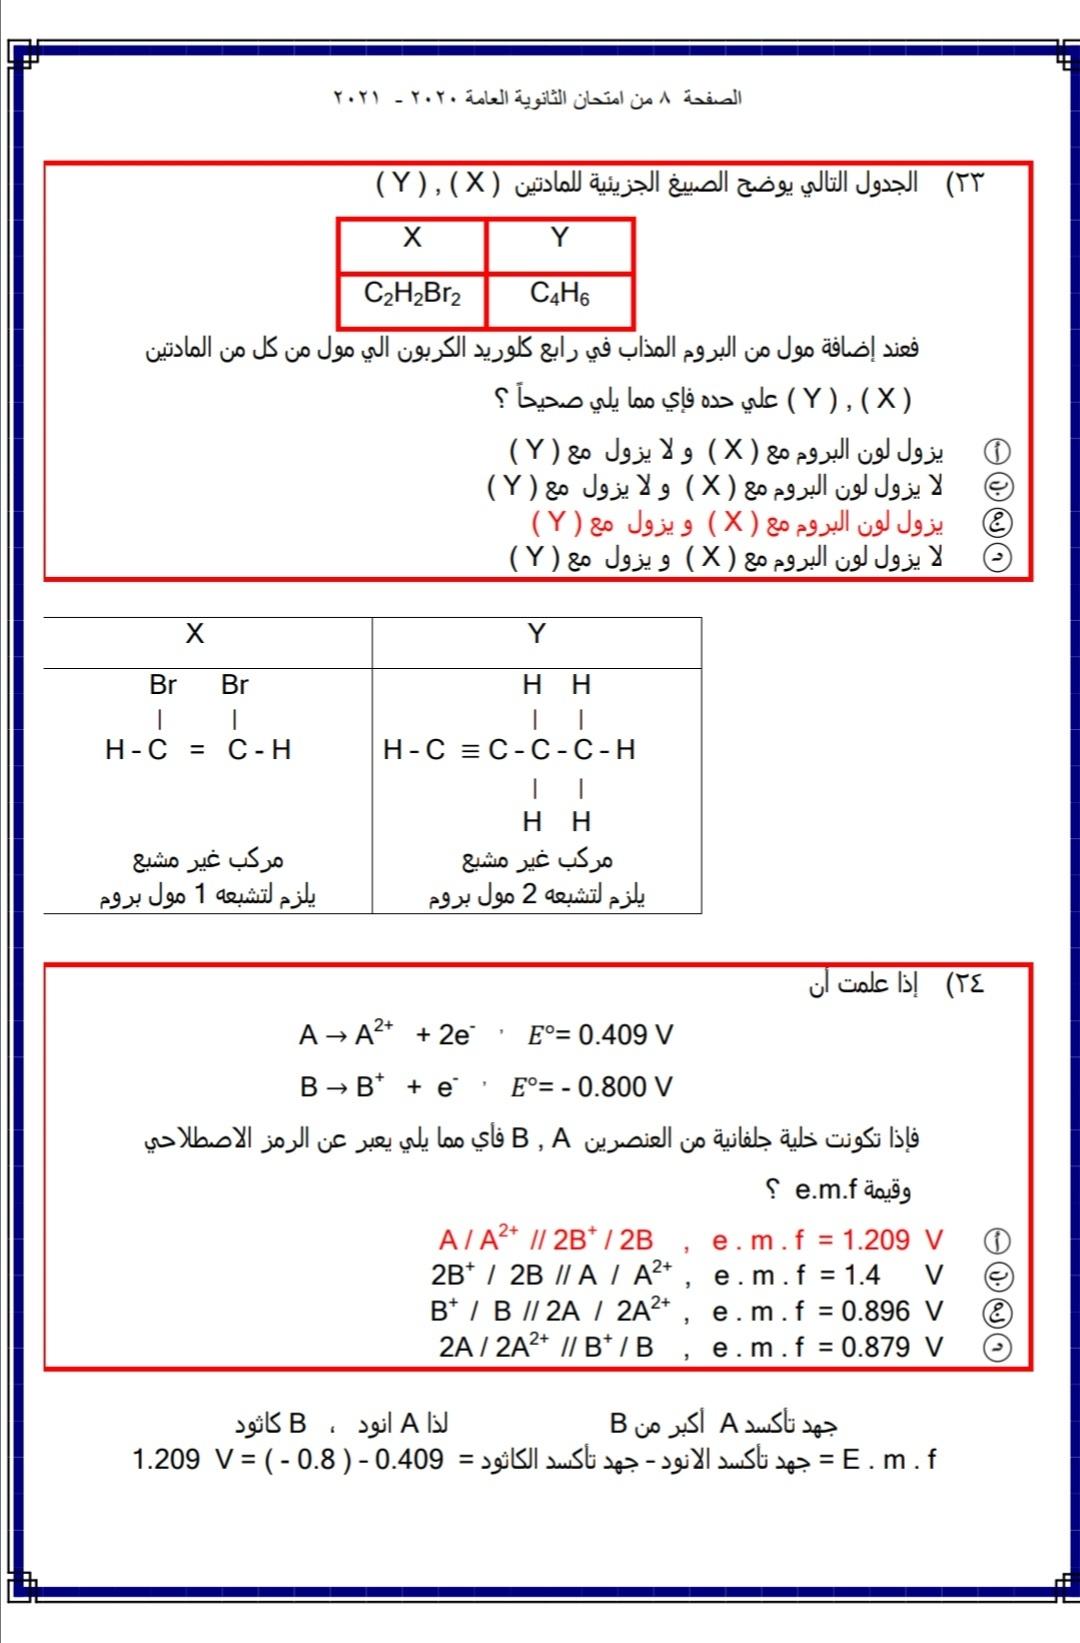 نموذج اجابة امتحان الكيمياء للثانوية العامة 2021 8